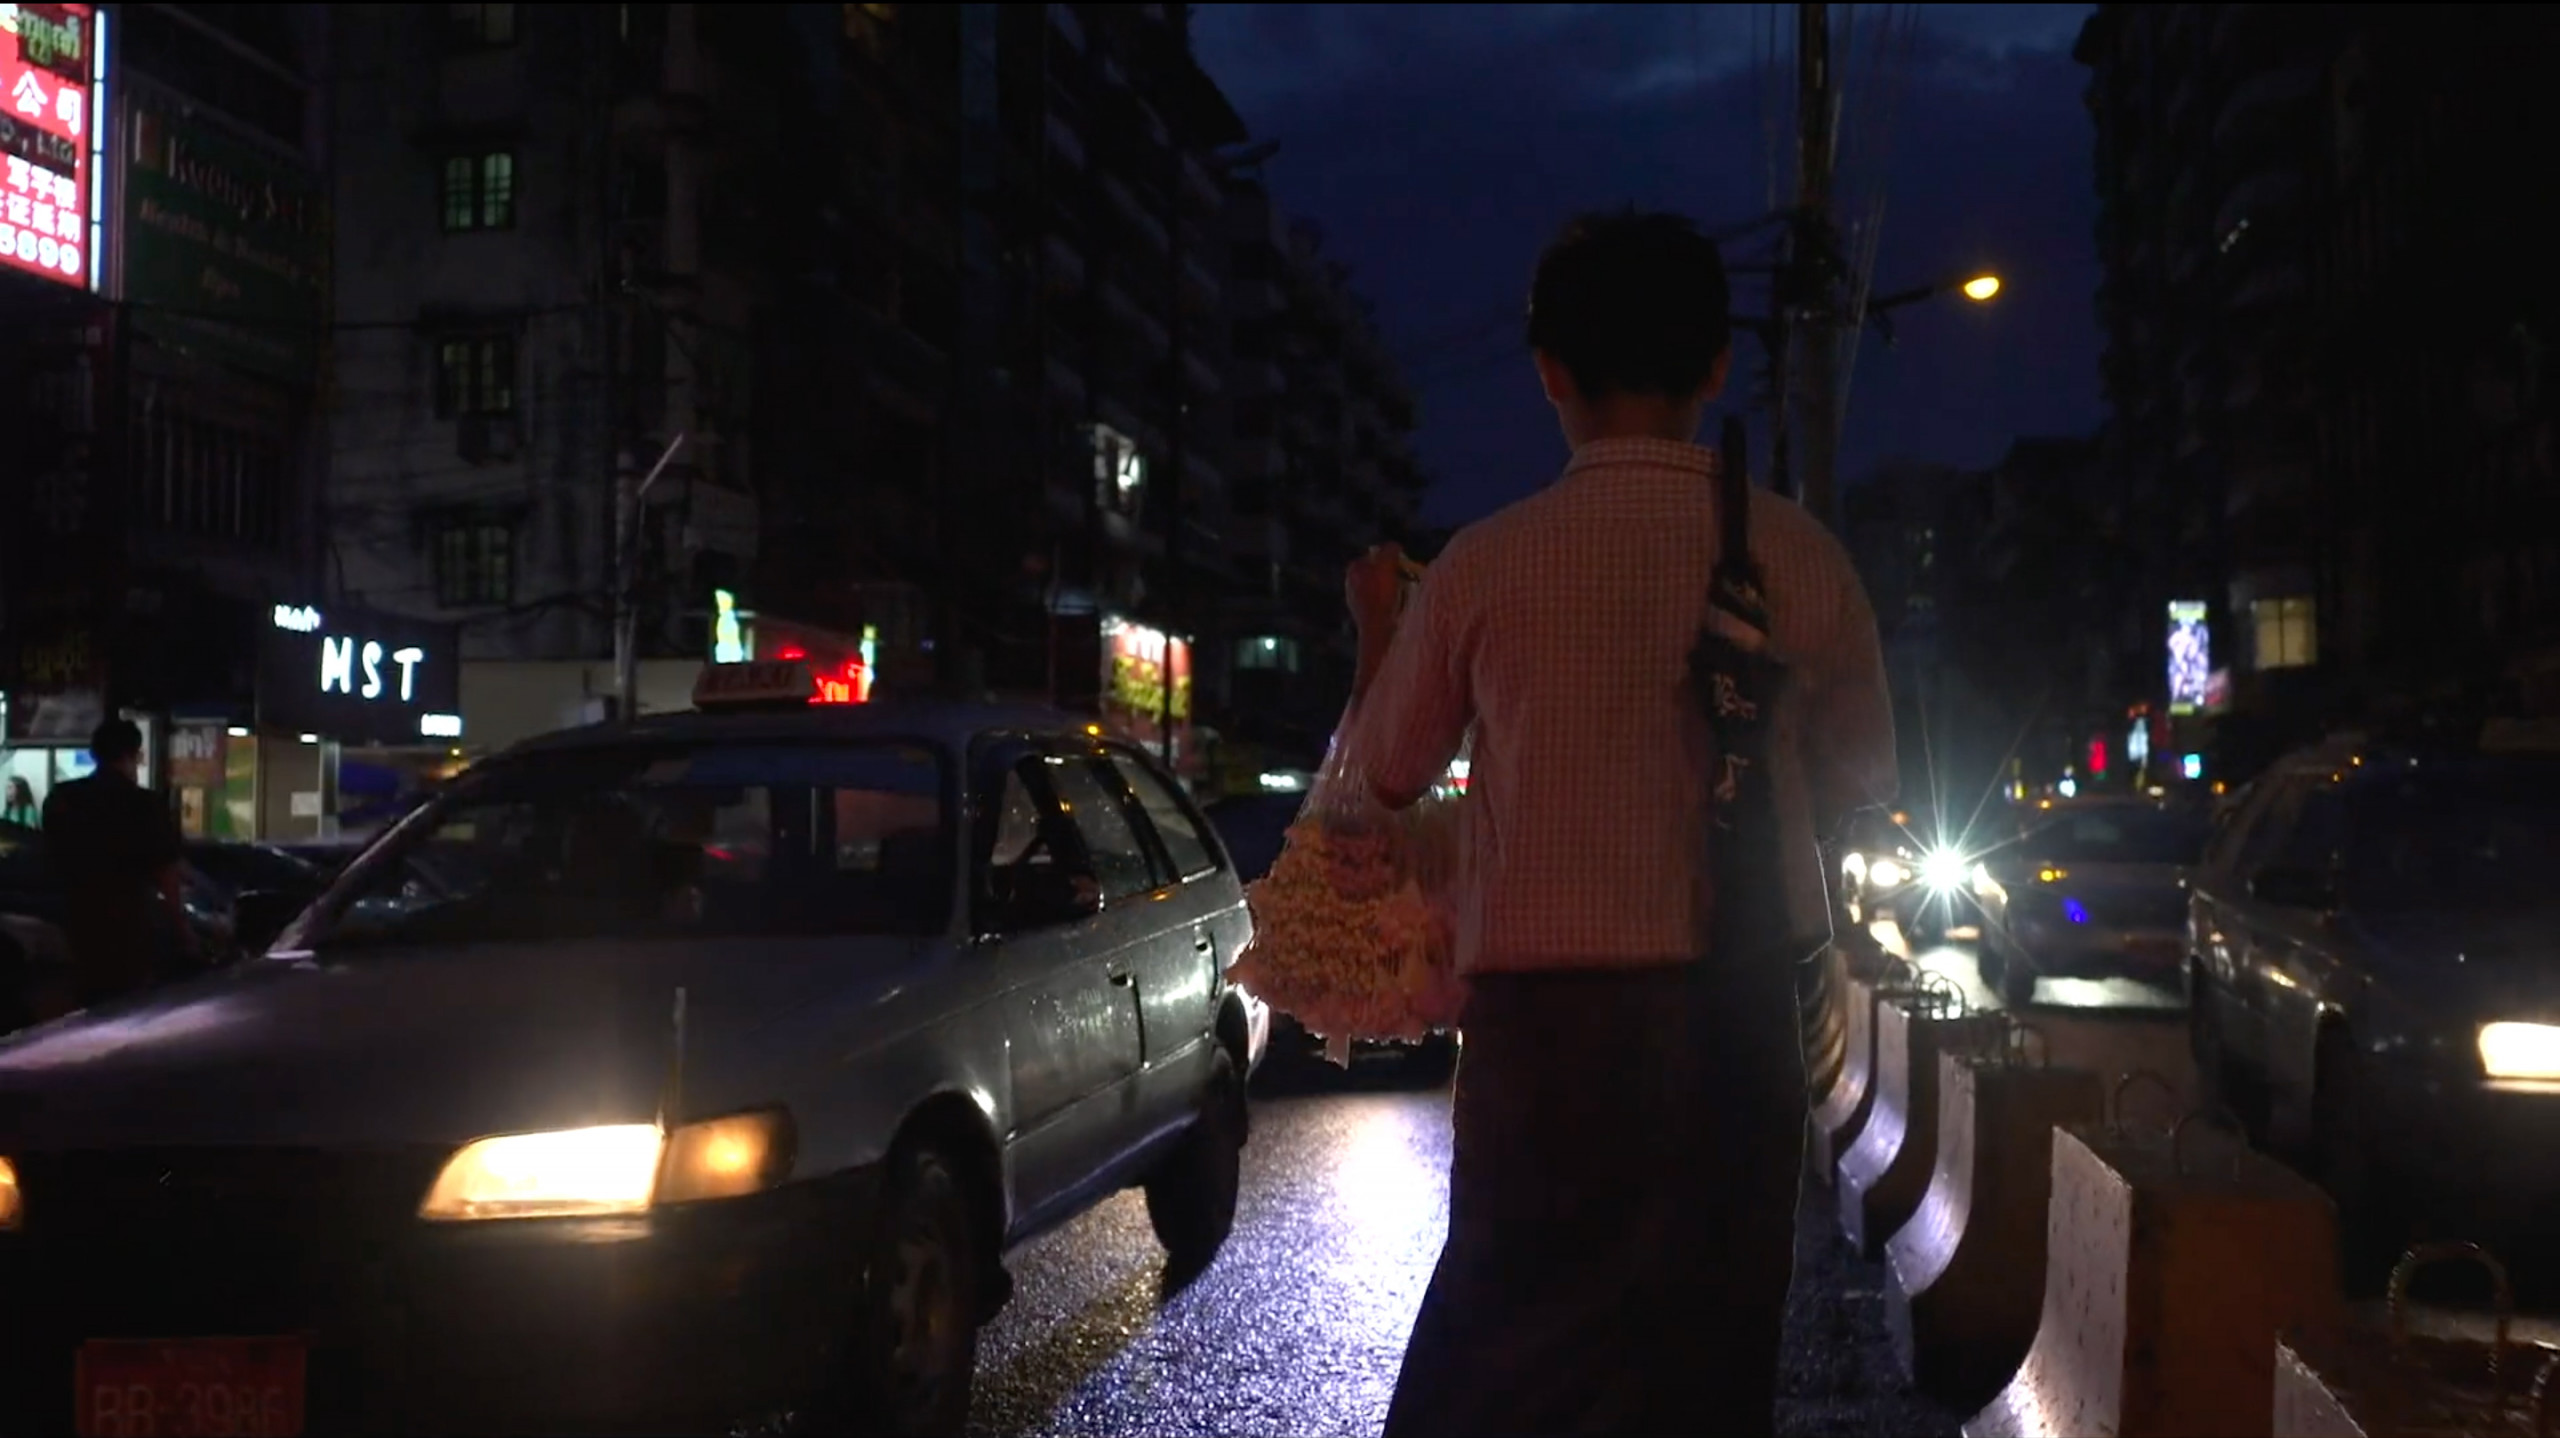 Film Still from USFV